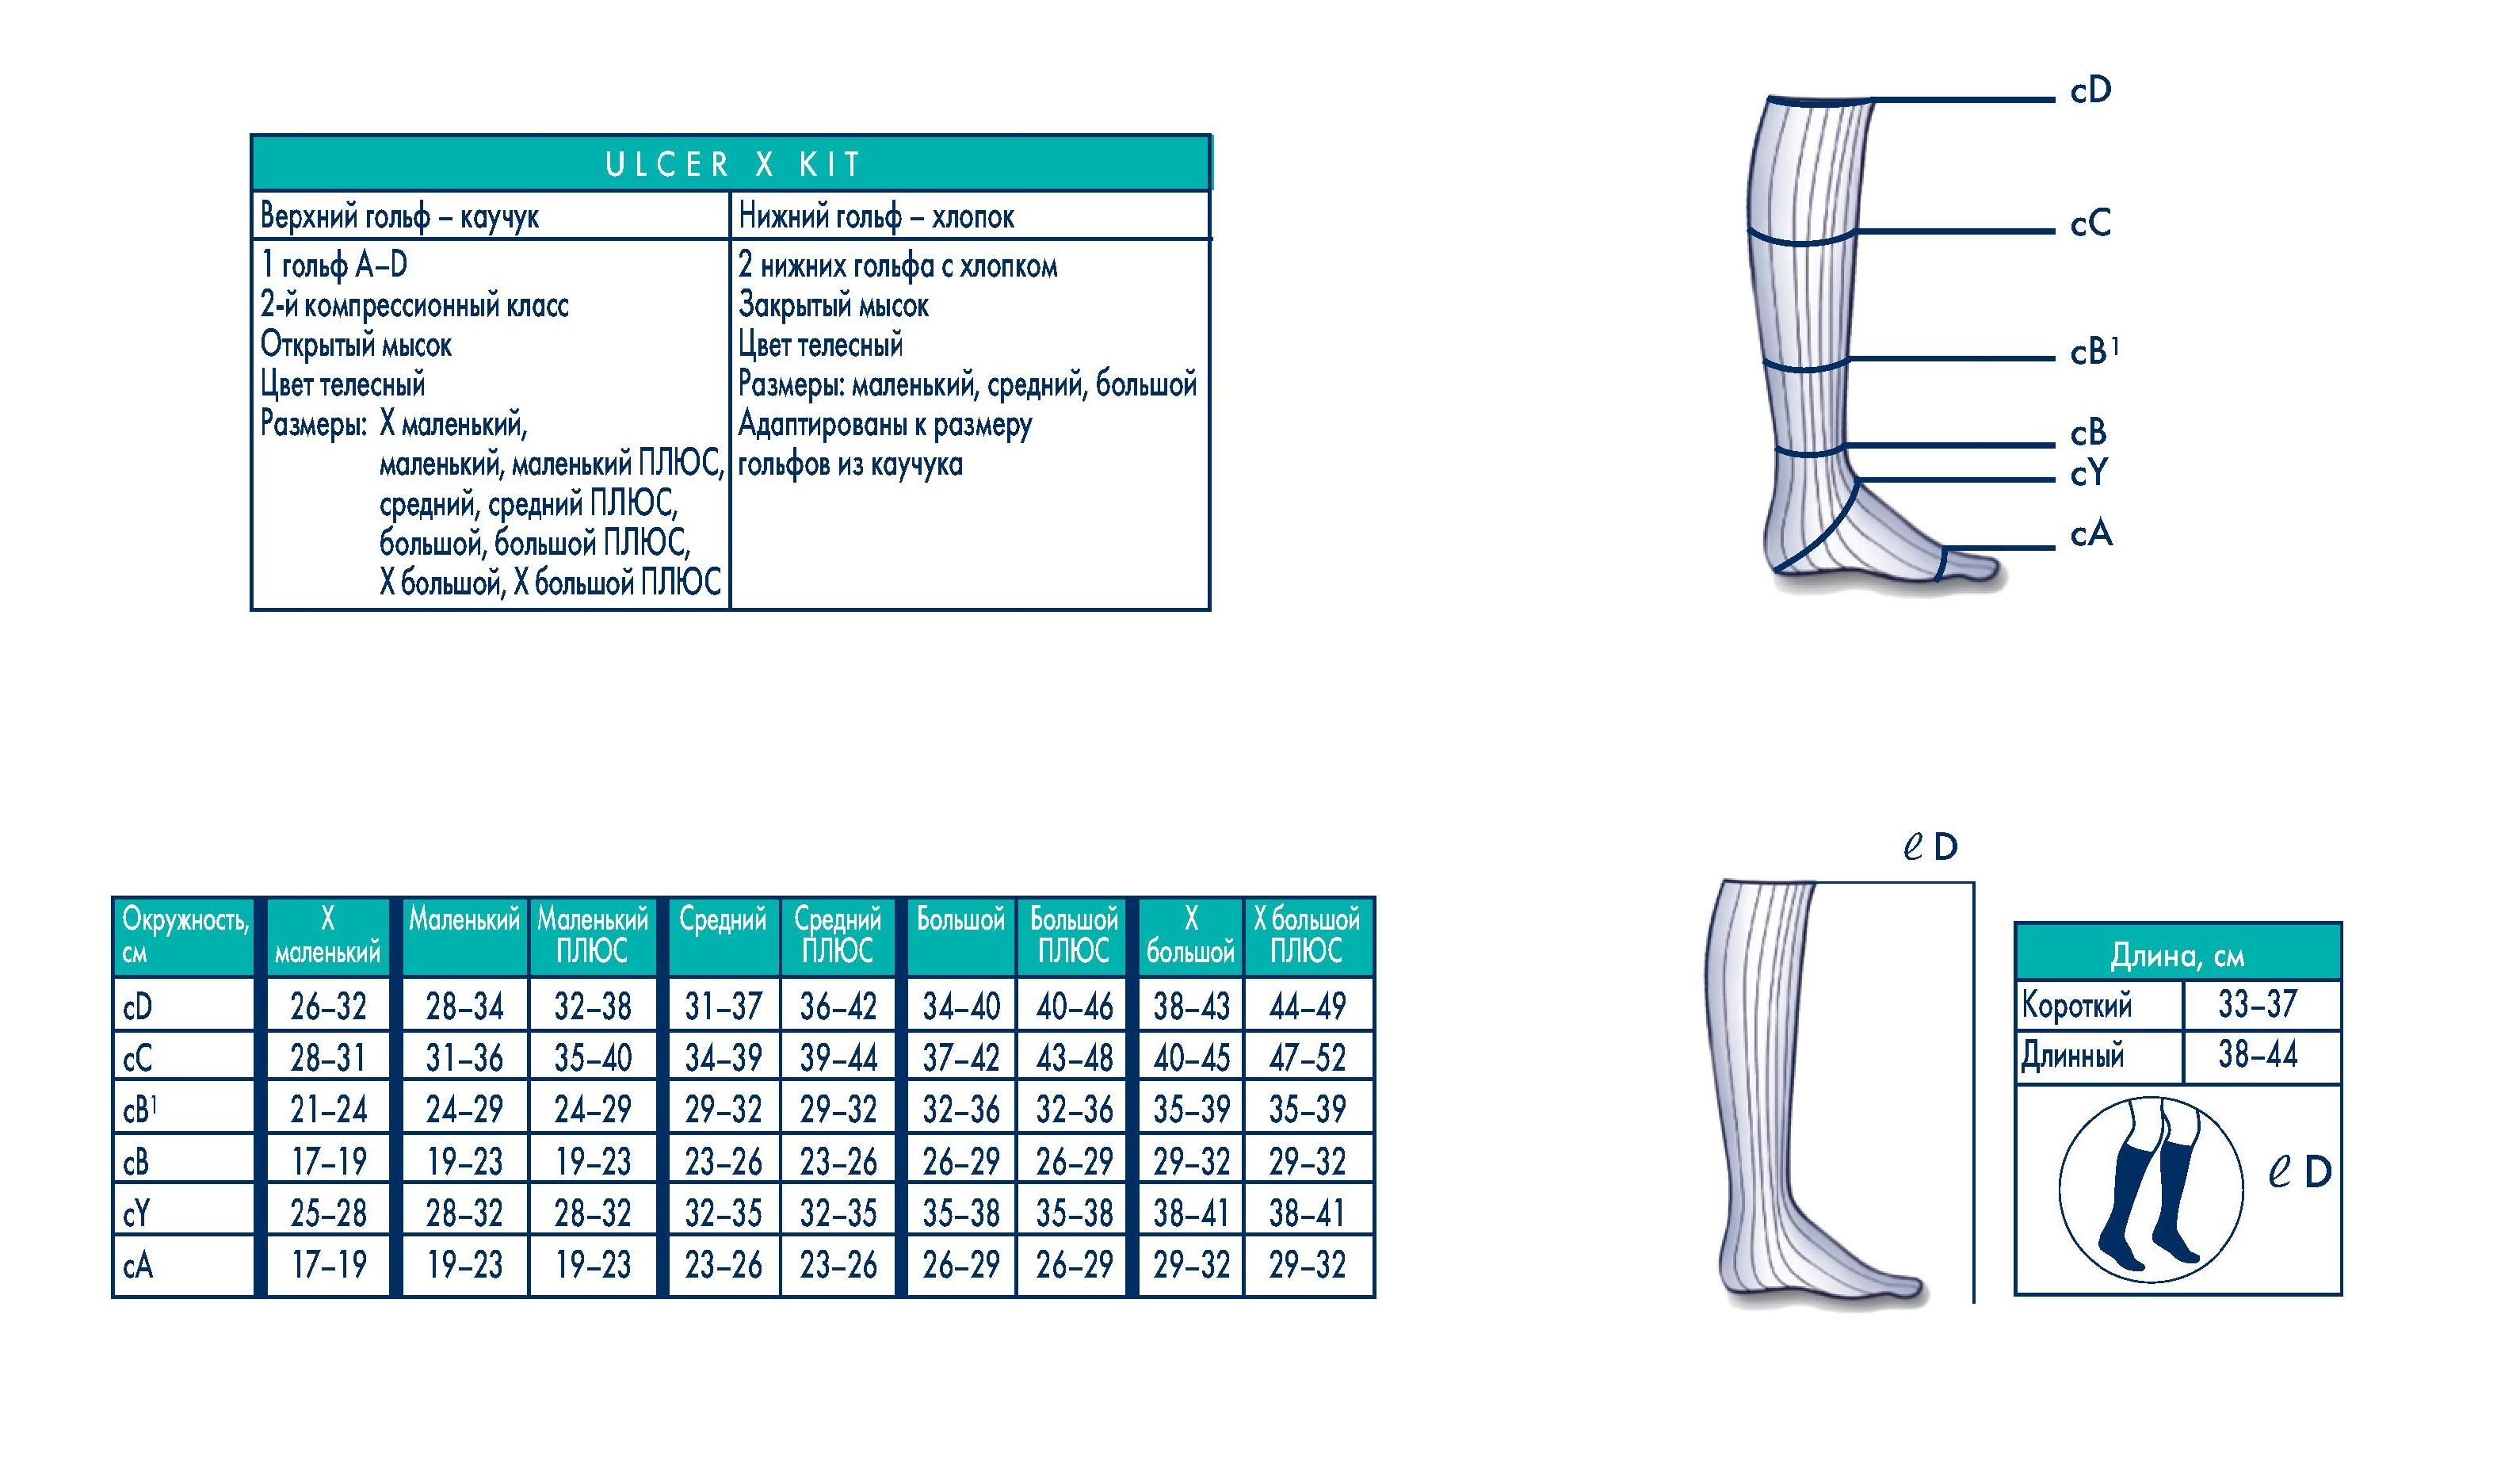 Схема определения размера изделий серии Ulcer